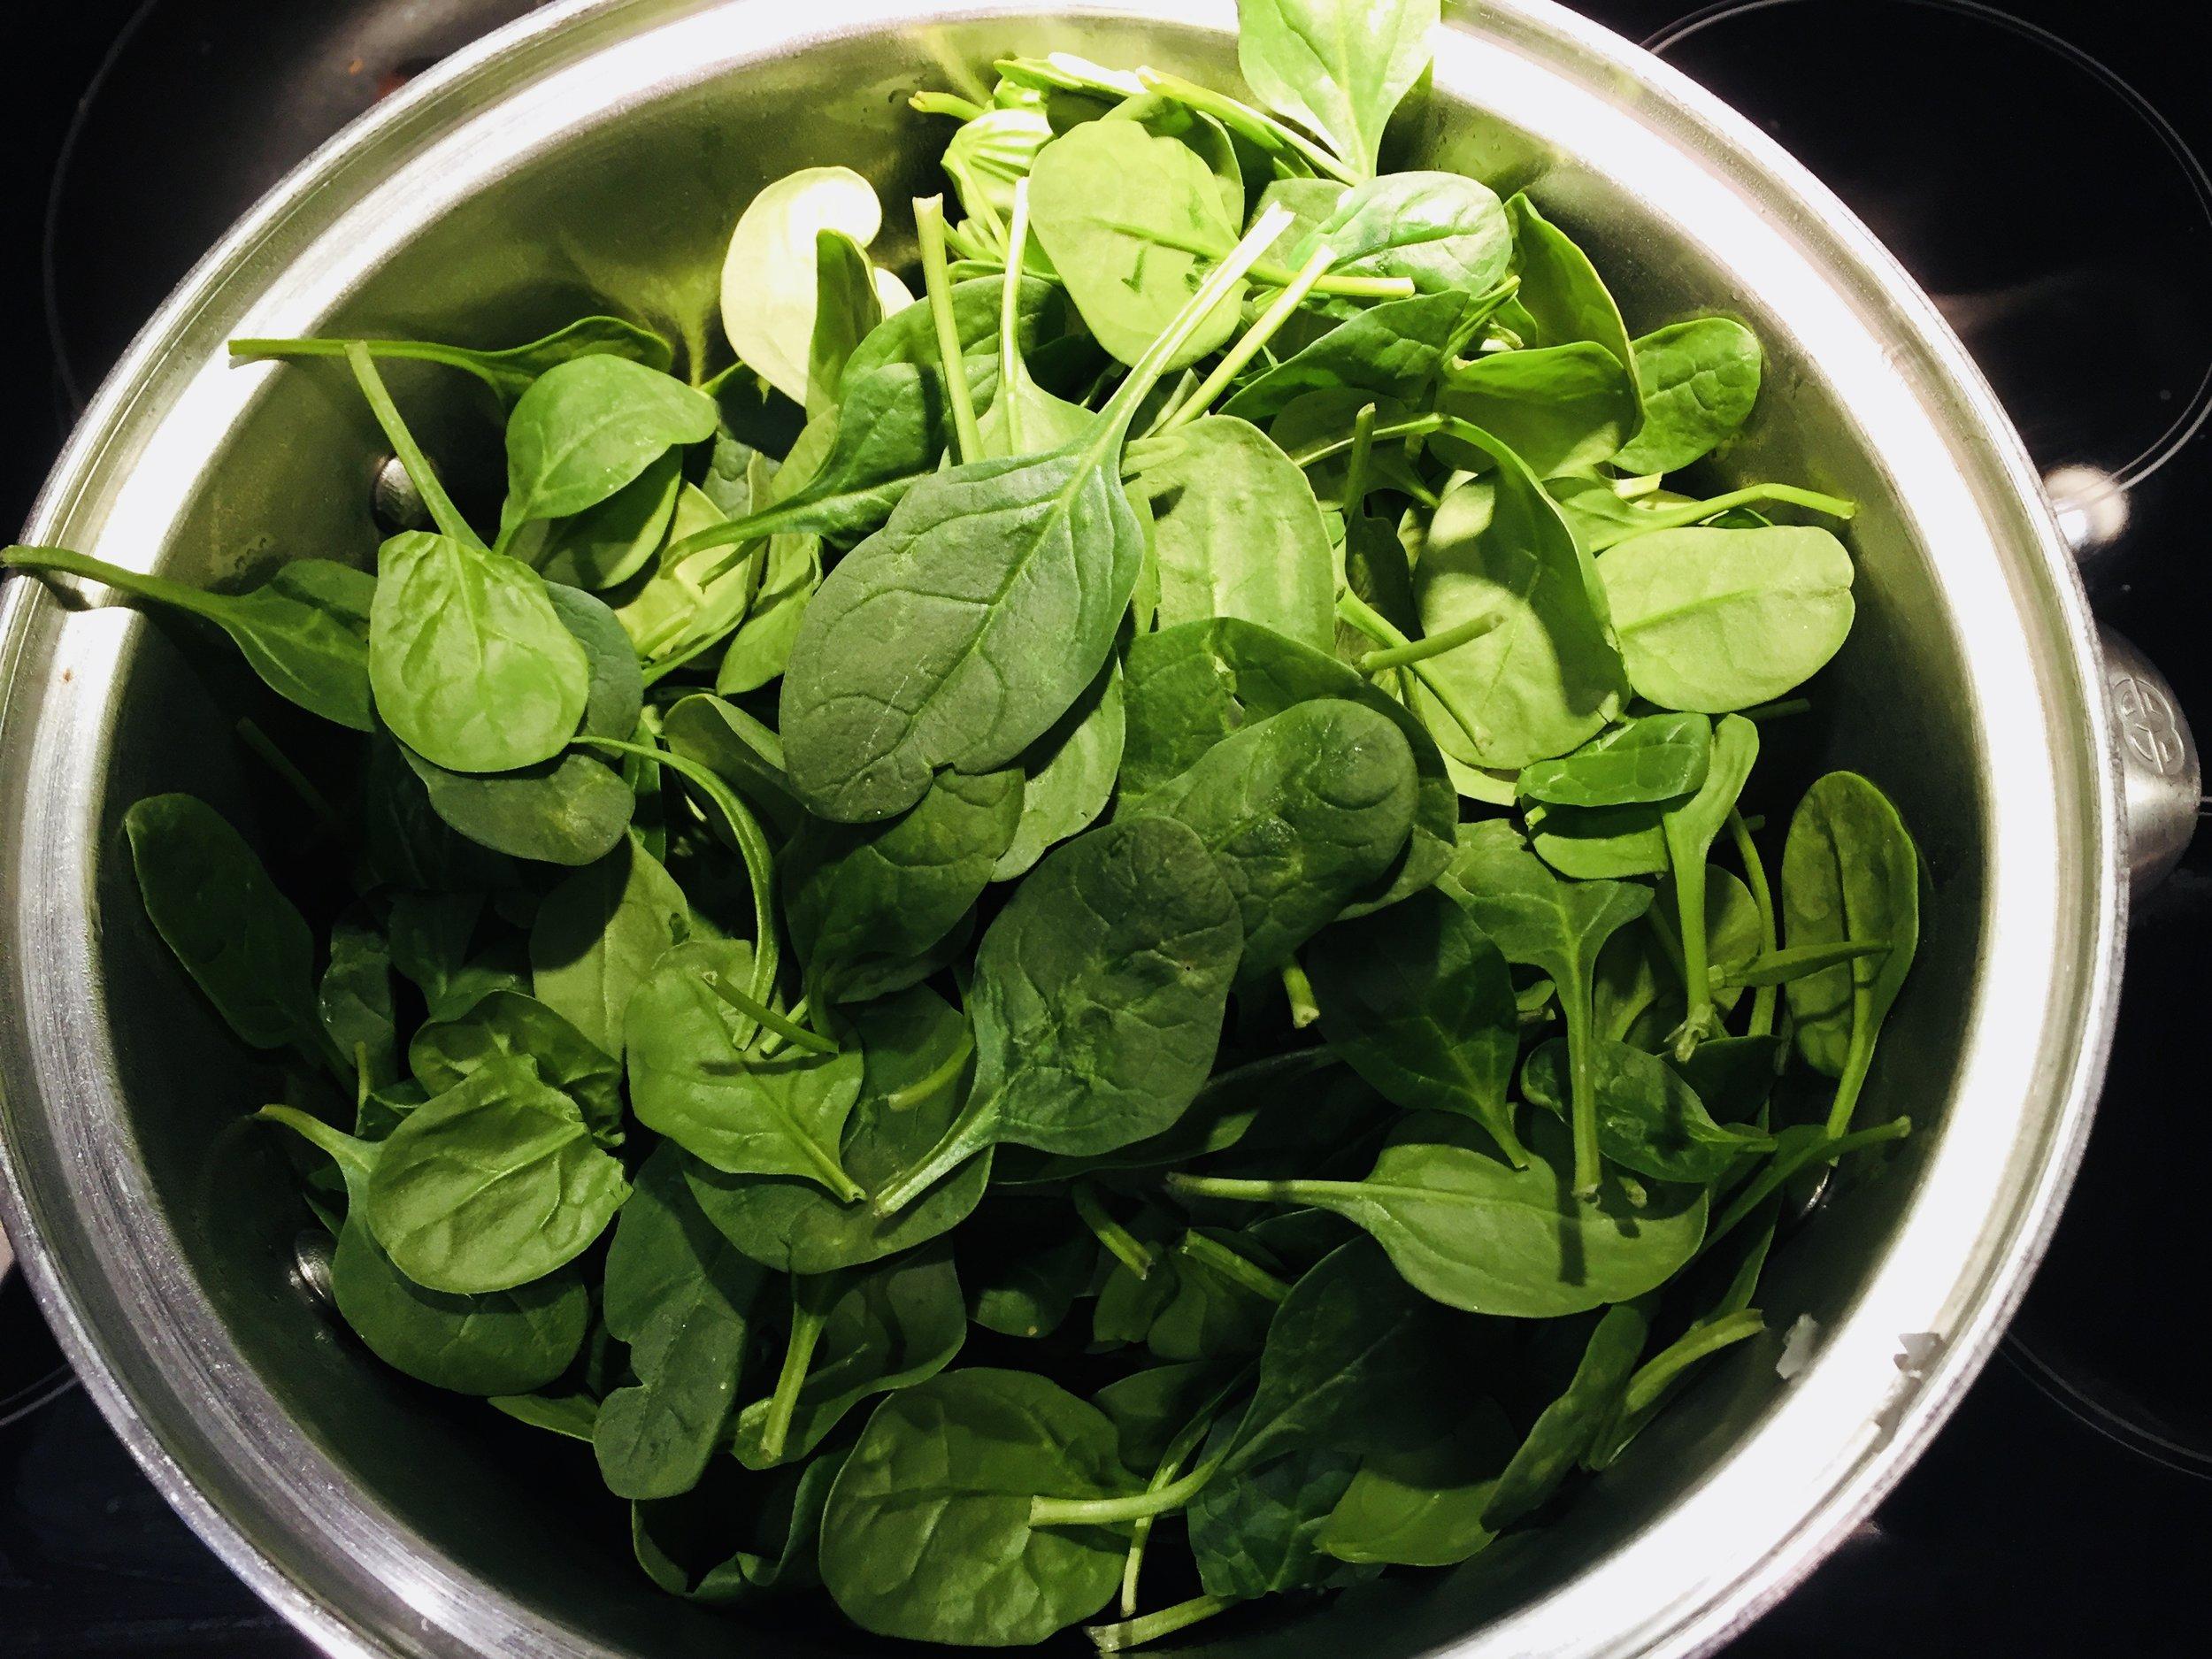 Wilt baby spinach, do not overcook!